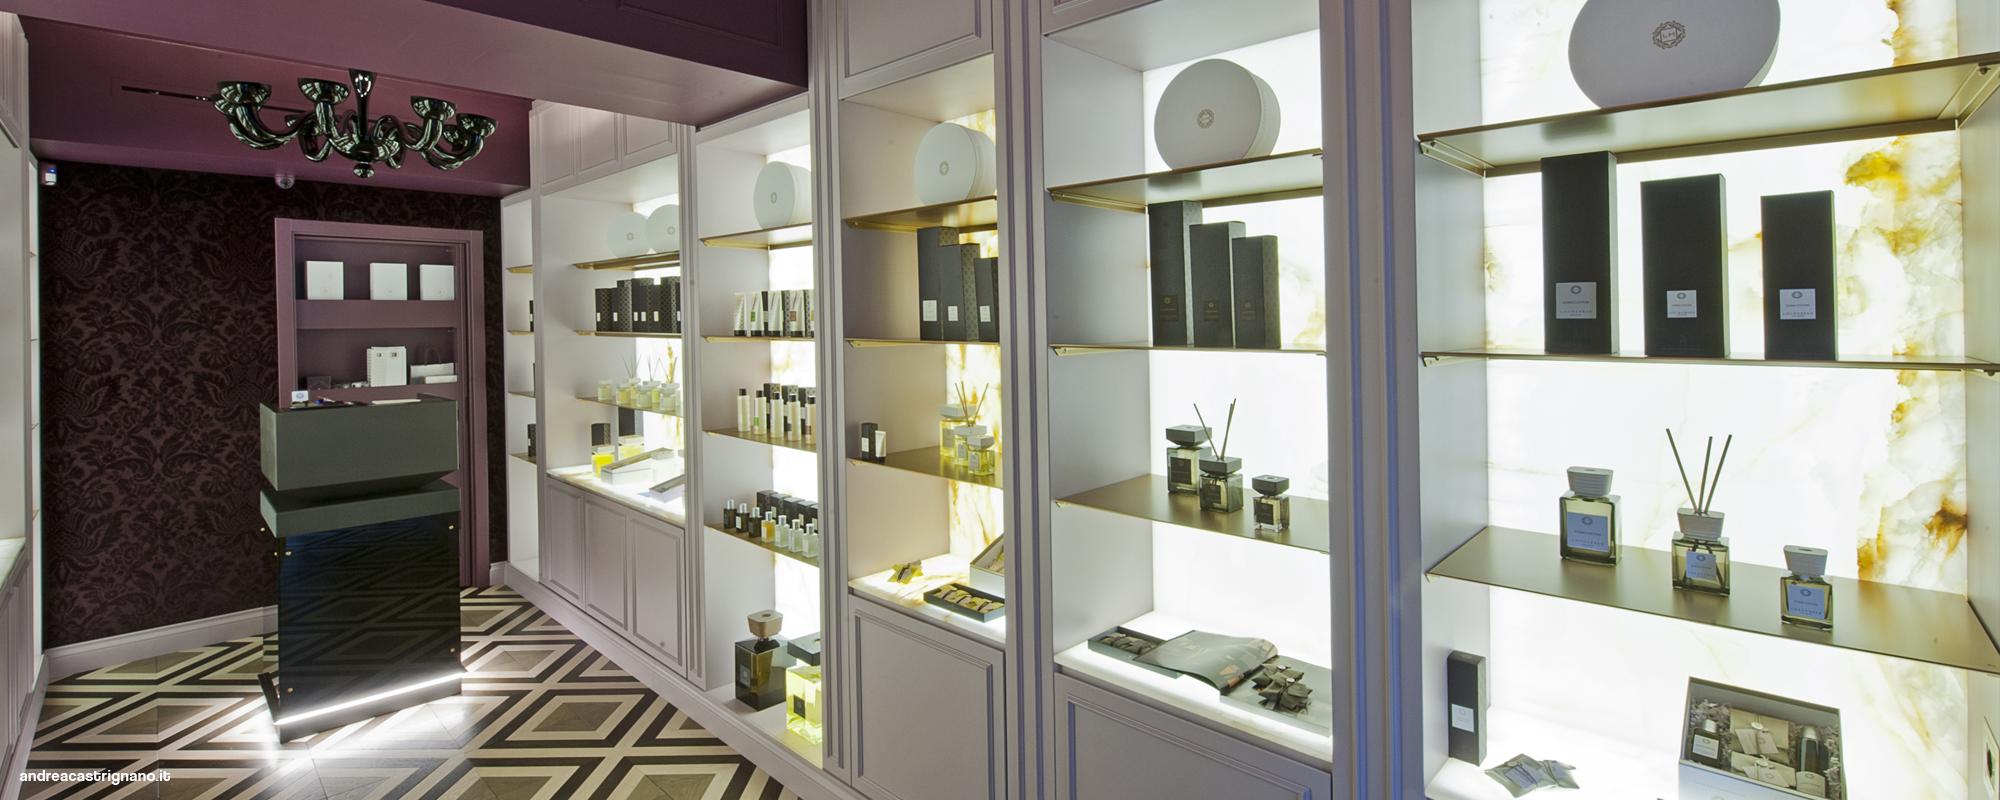 Il nuovo negozio Locherber a Milano - Andrea Castrignano